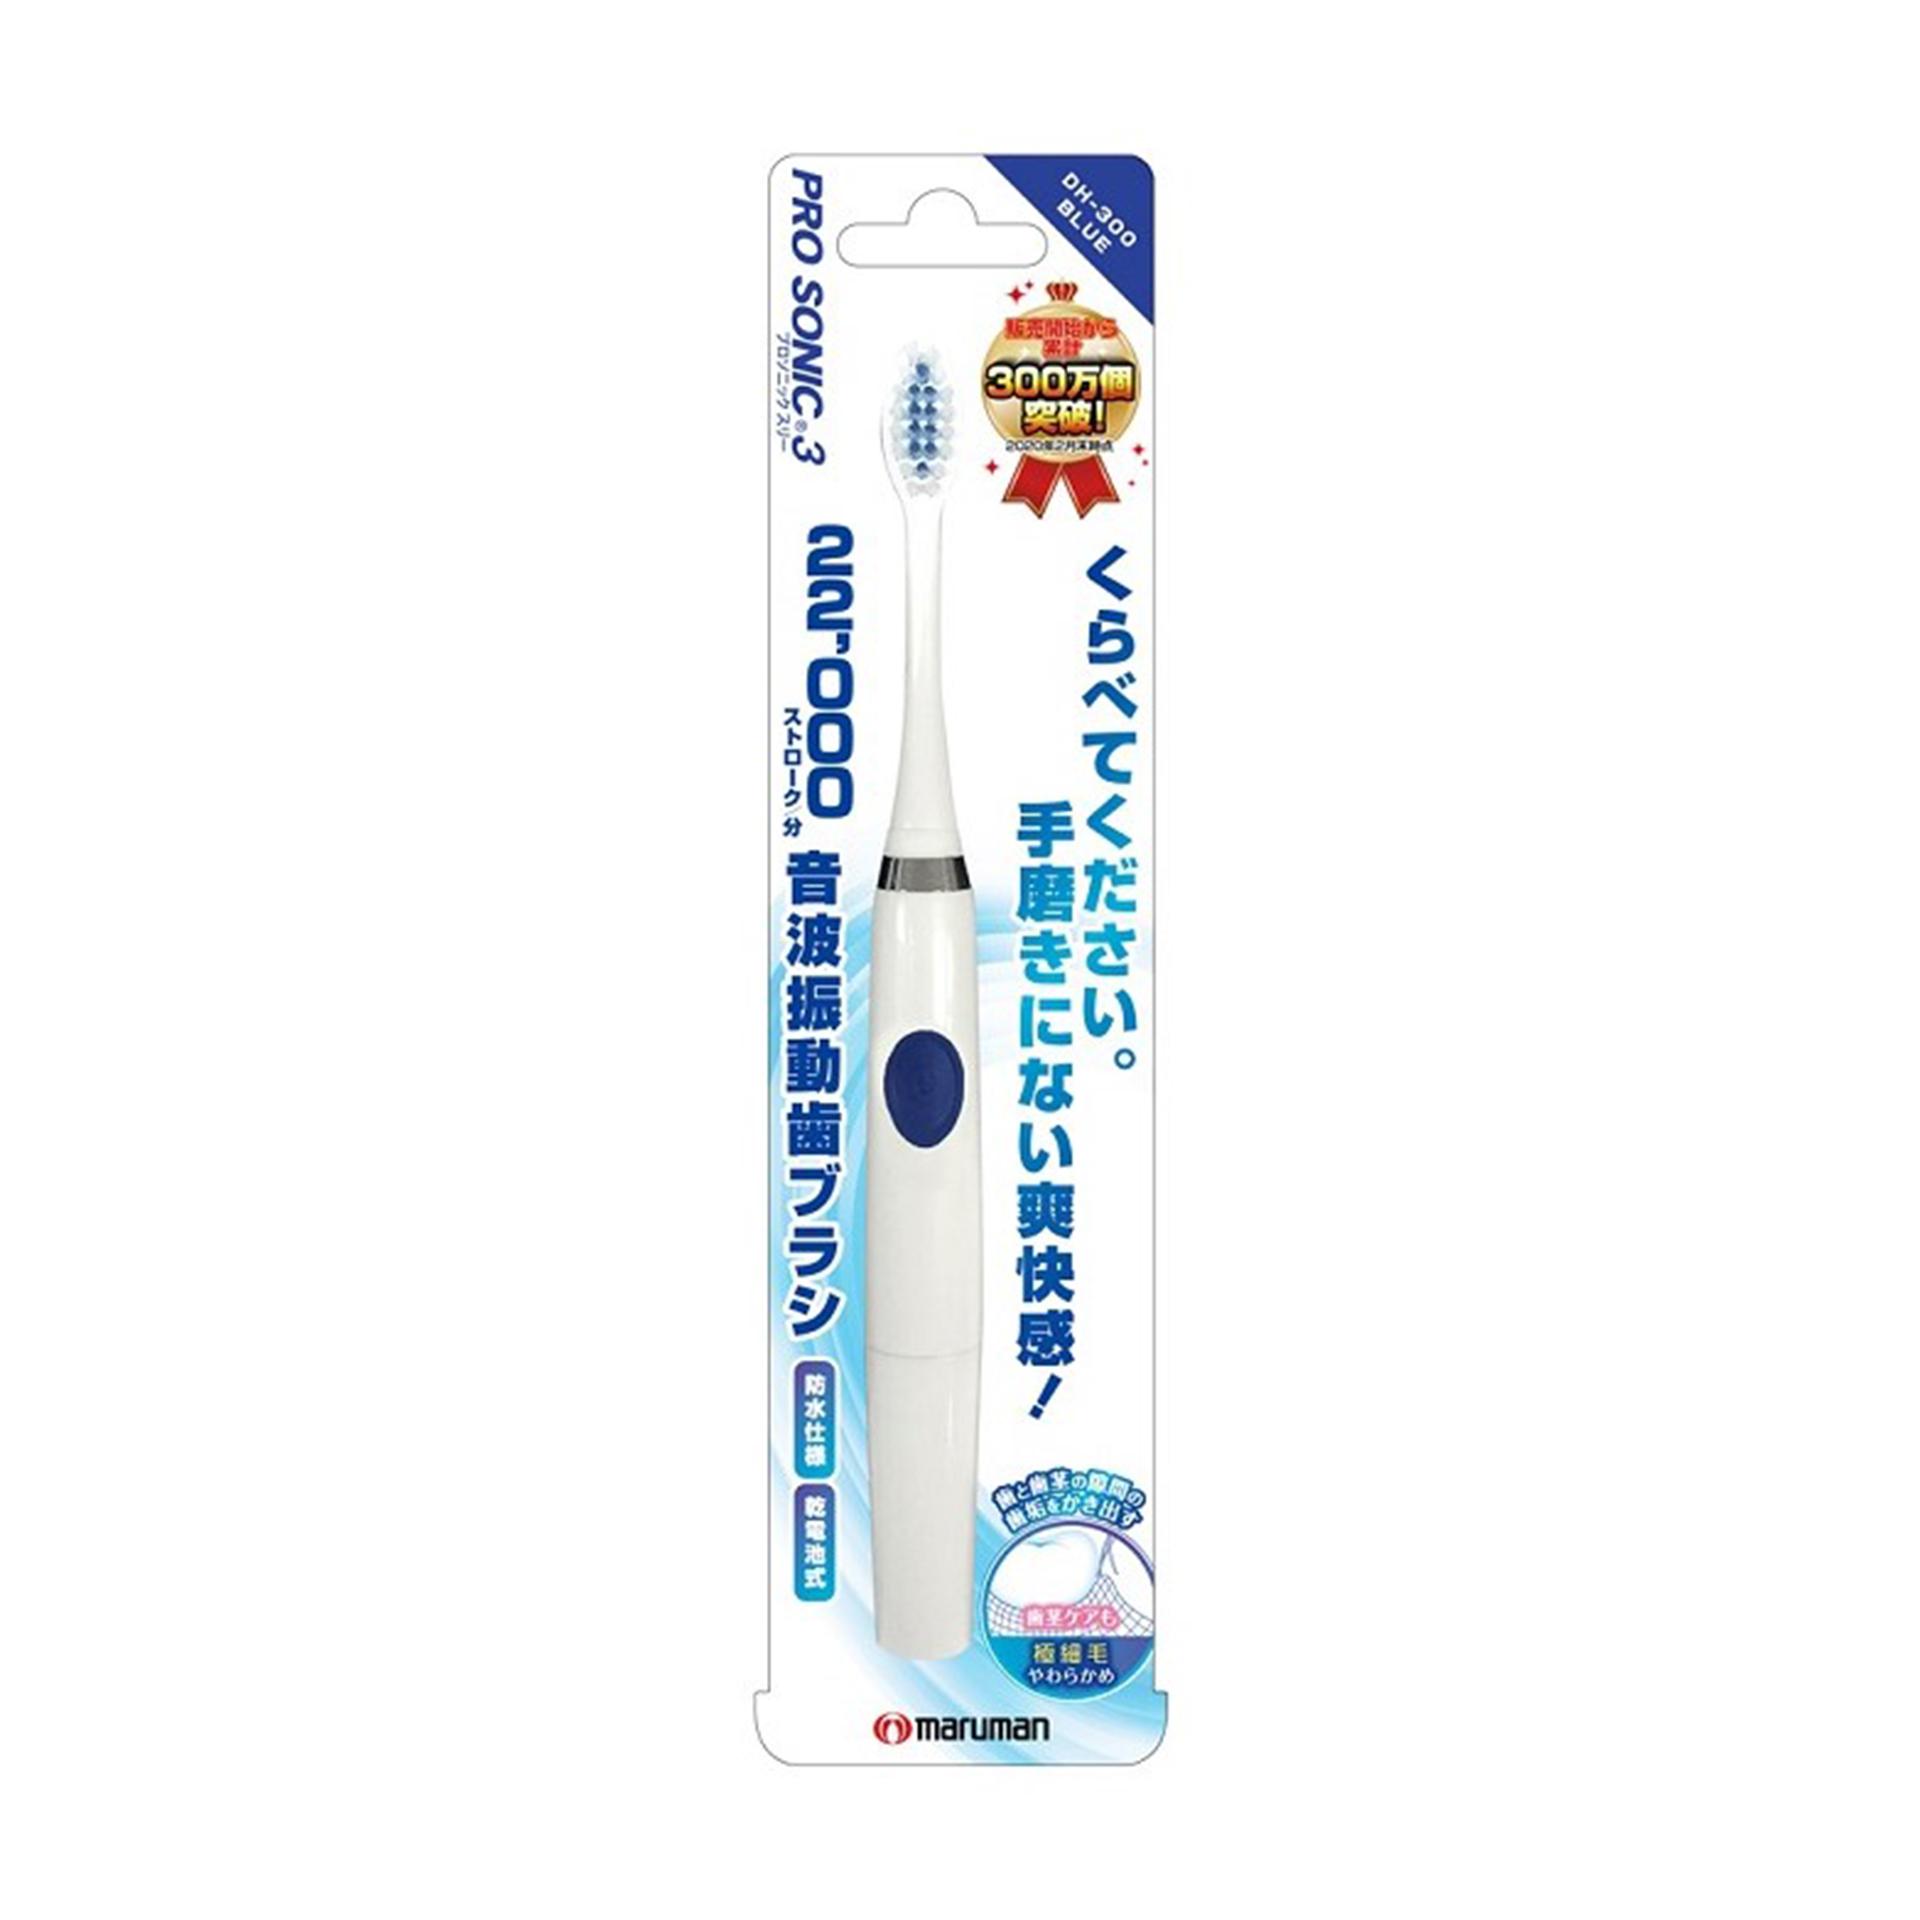 音波振動歯ブラシ【プロソニック3】《ブルー》 品番:DH300BL